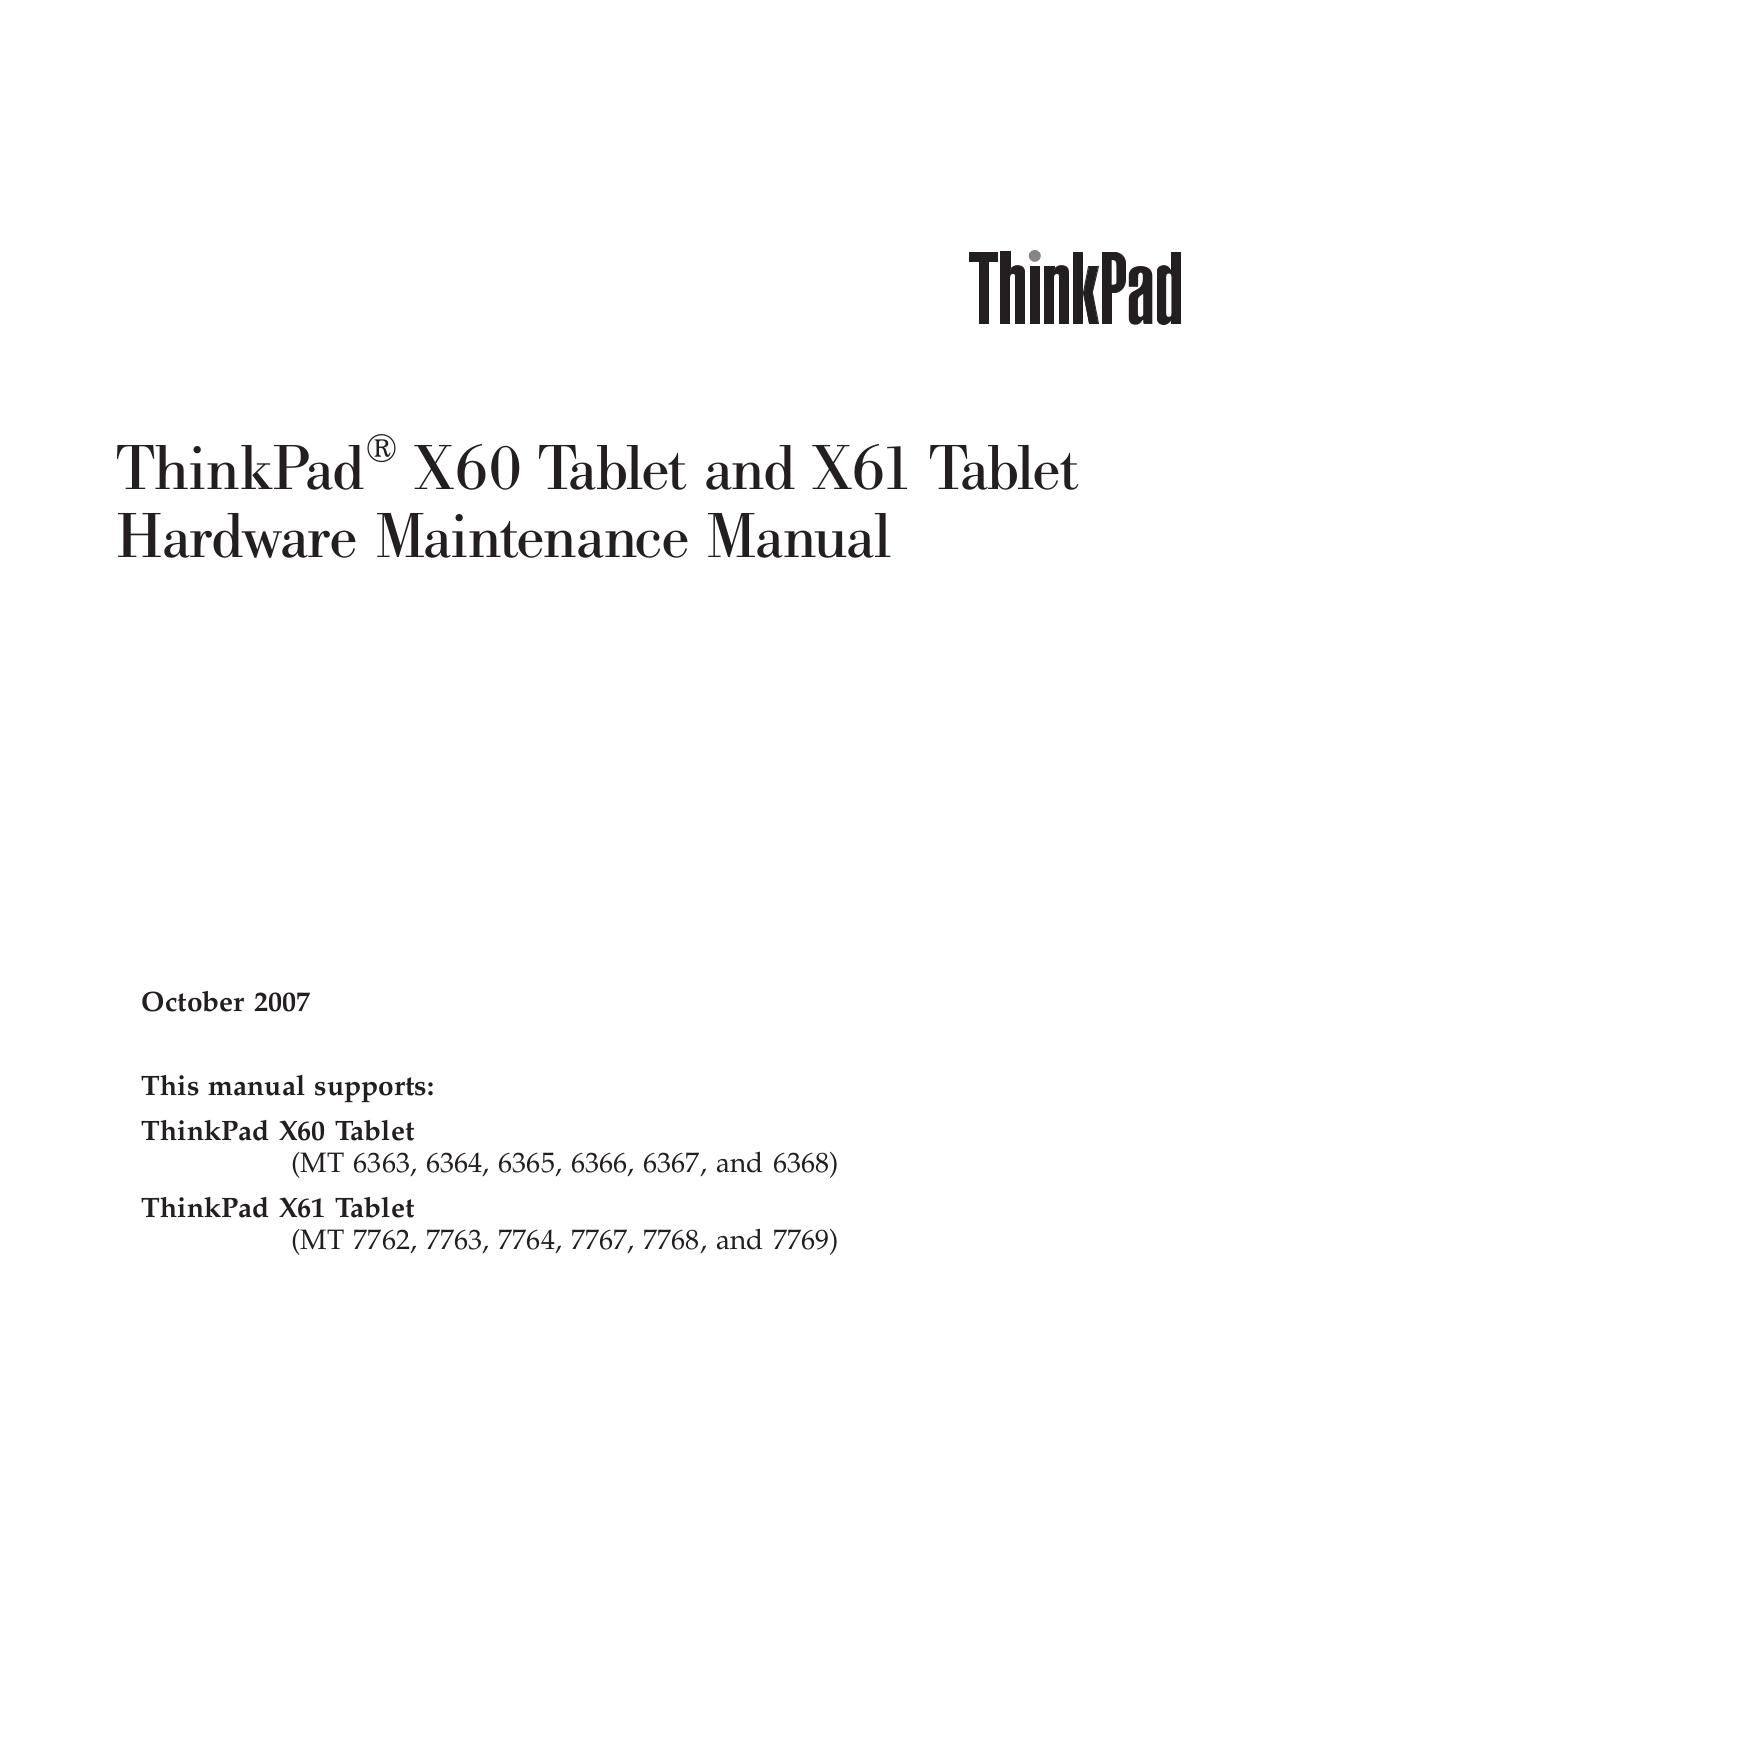 lenovo thinkpad tablet 2 manual